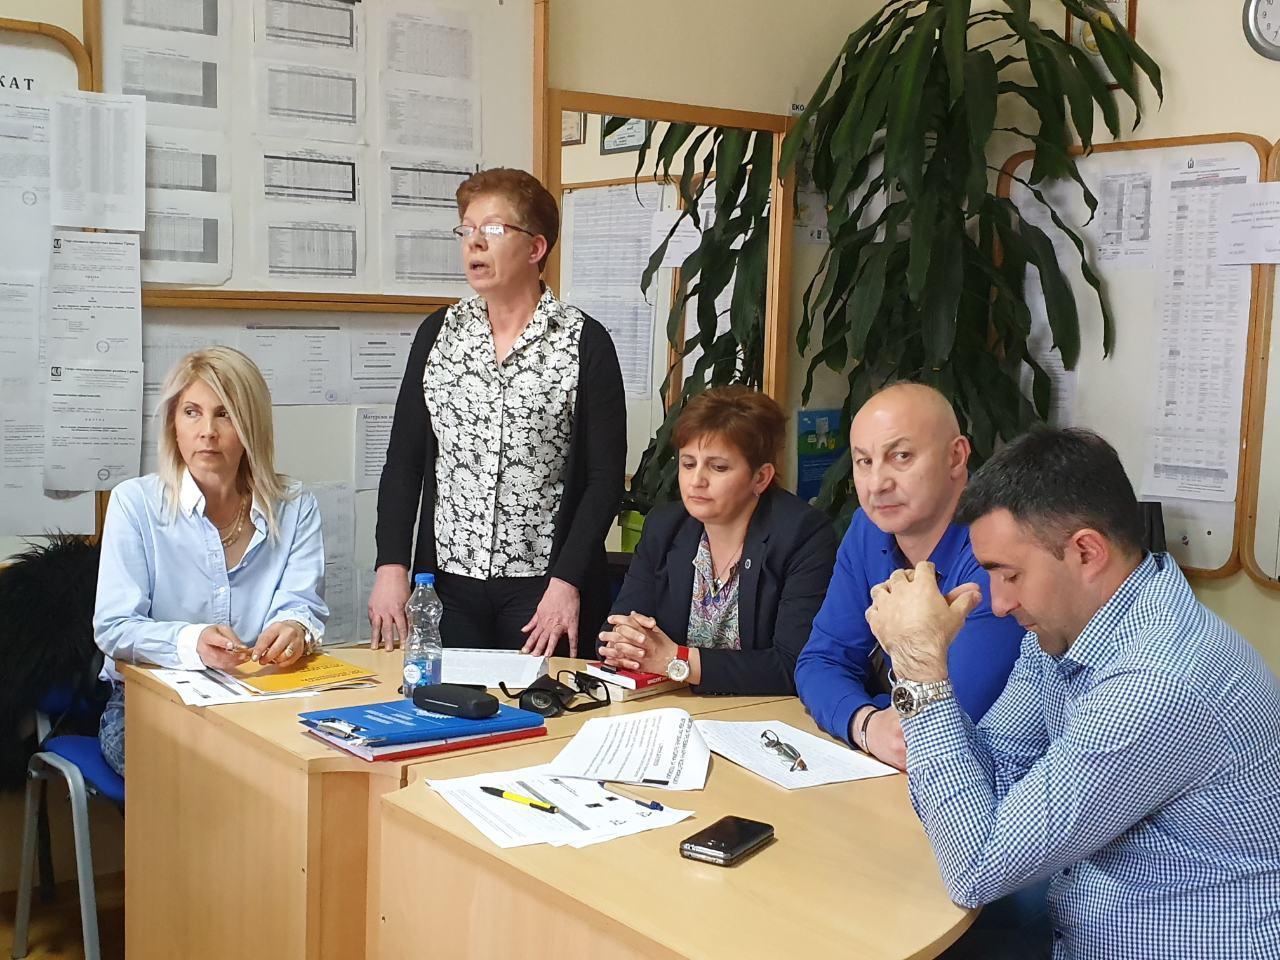 Beba Кanački, Danijela Milosavljević, Danijela Trajković, Saša Stojanović, Boban Đorđević